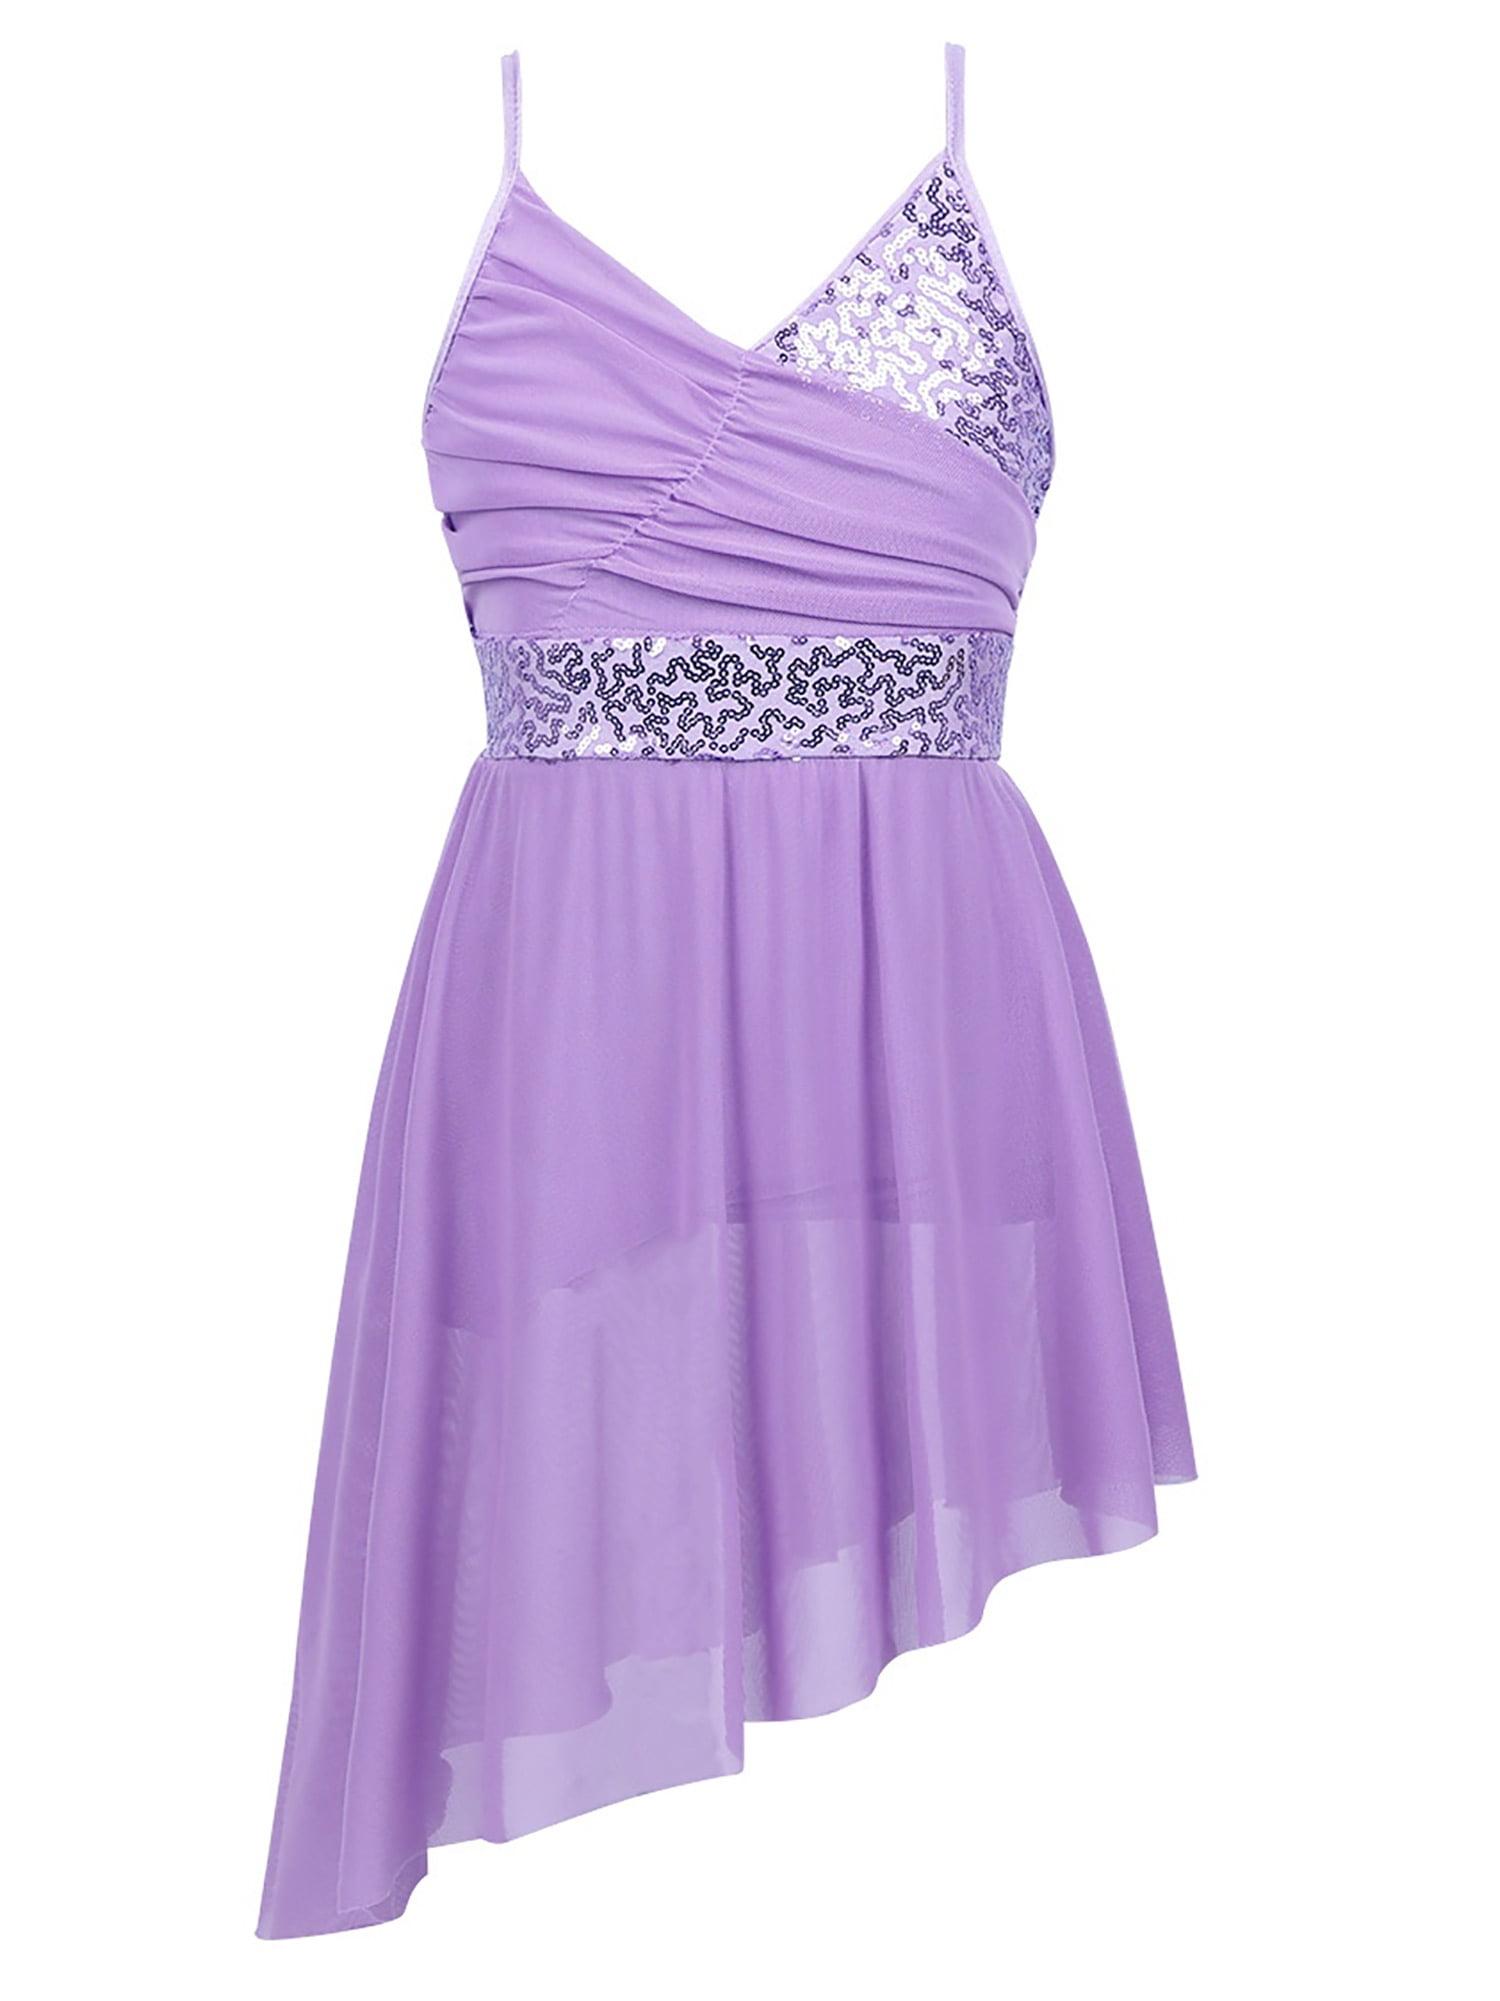 Details about  /US Girls Lyrical Sequin Ballet Leotard Dress Kids Modern Contemporary Dance Wear